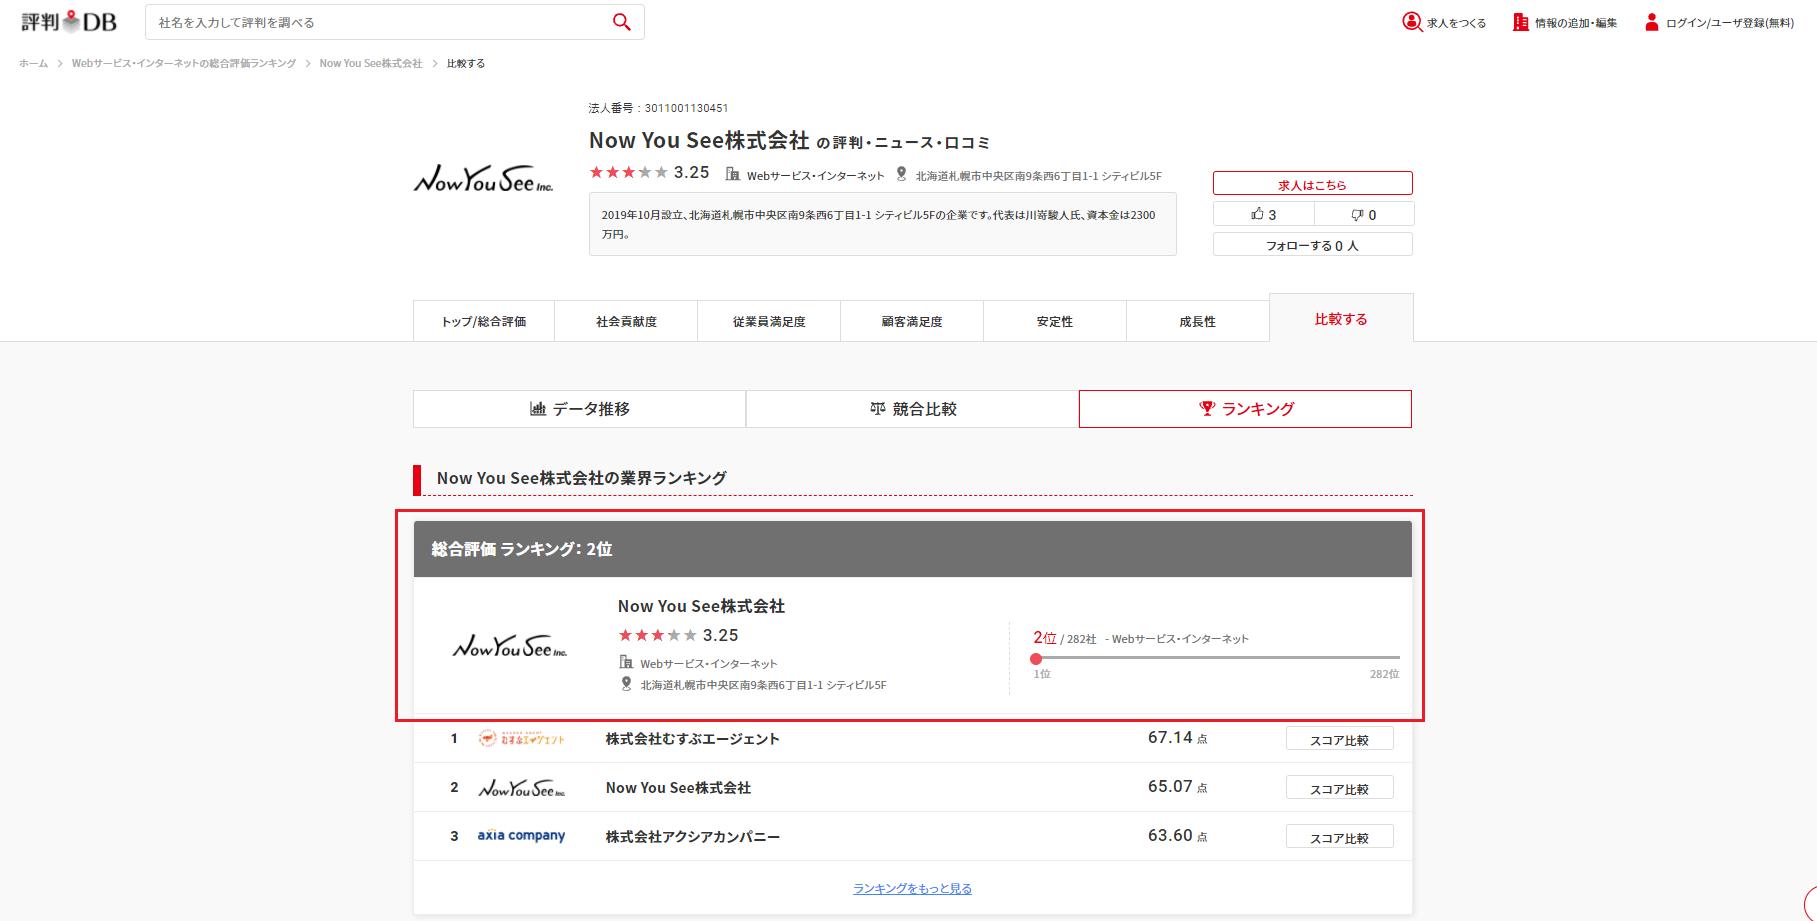 評判サイトで業界ランキング2位の会社!